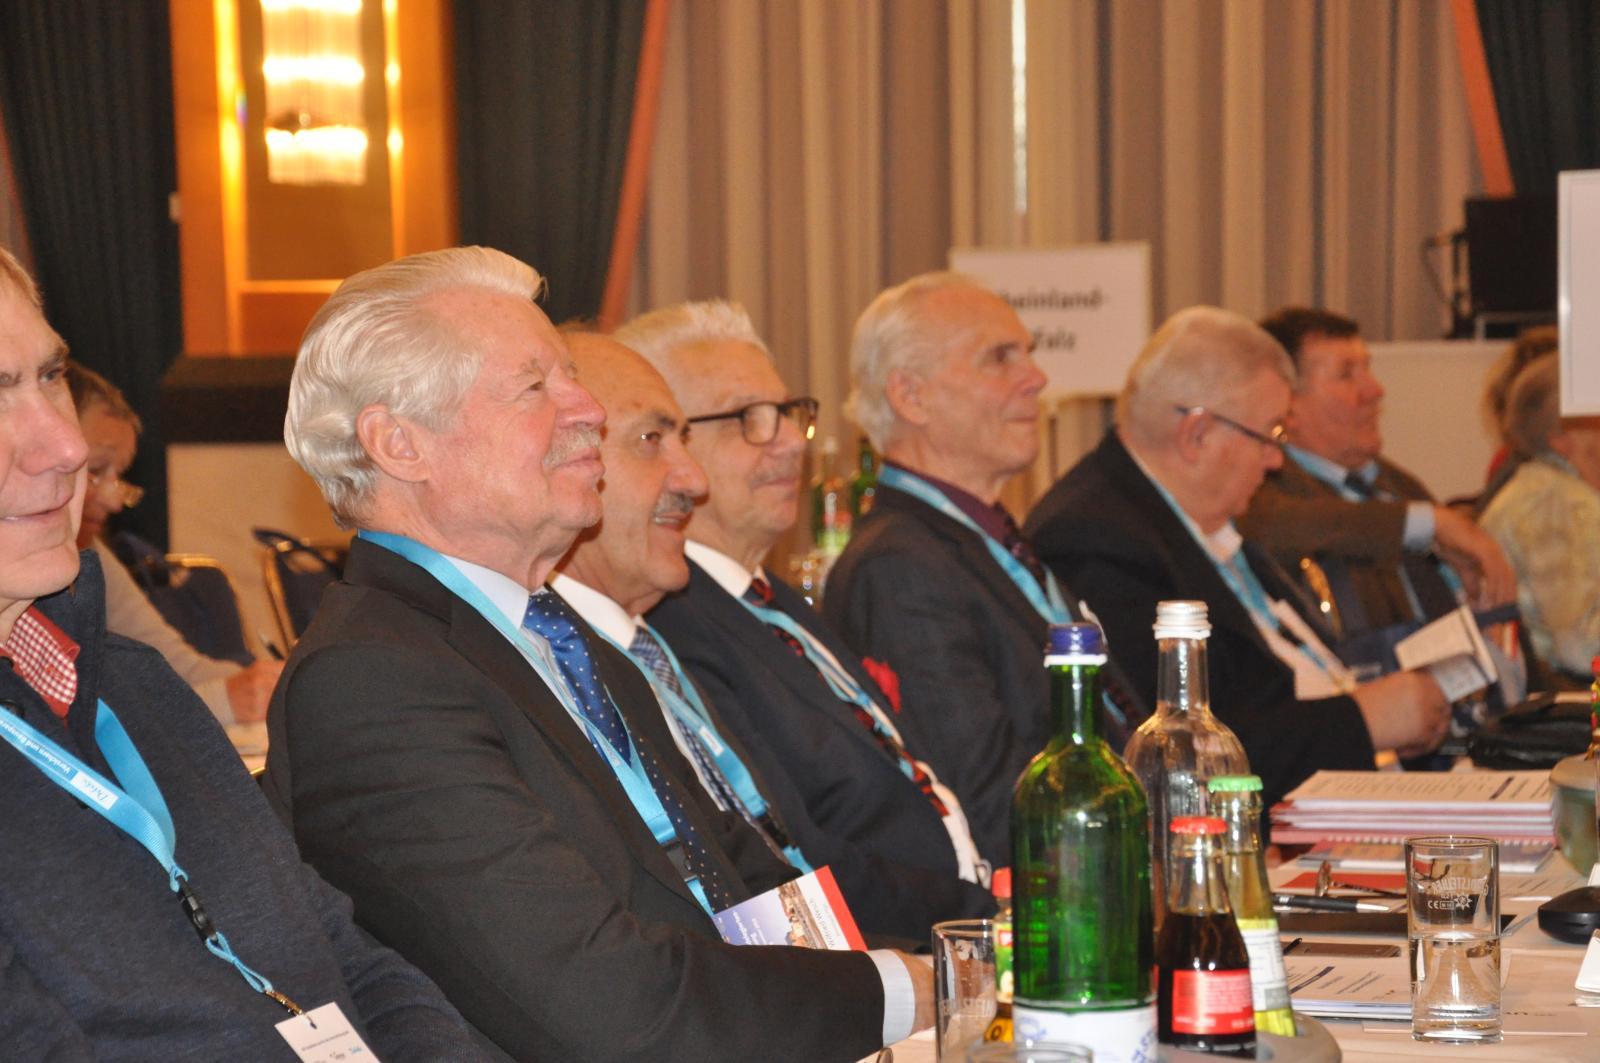 SU-Bundesdelegiertenversammlung-2018_010.jpg